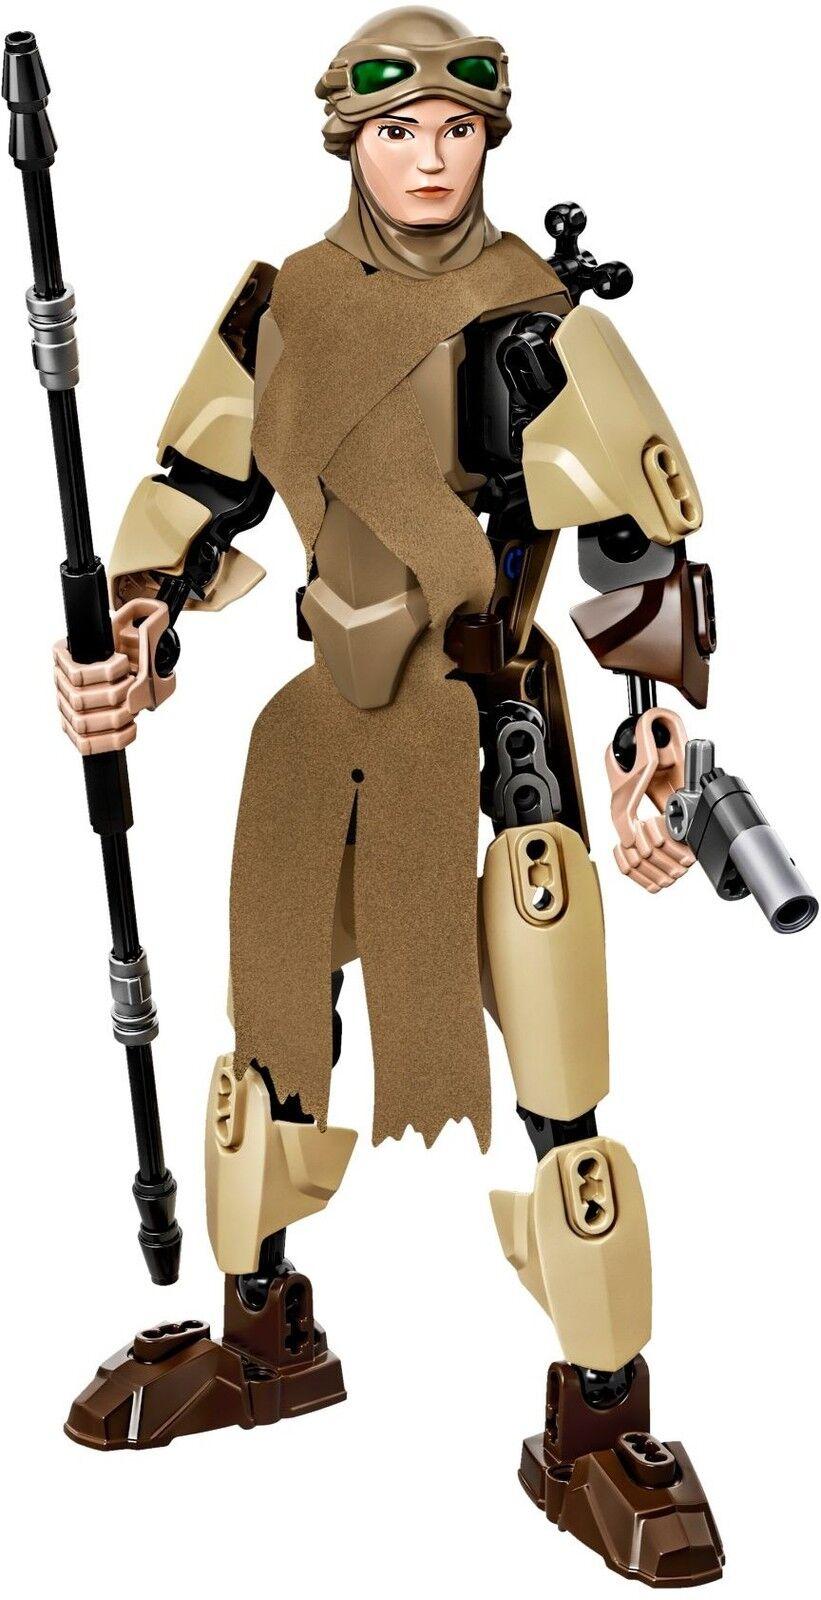 LEGO LEGO LEGO star wars 75113 rey réveil de la puissance épisode 7 personnage 9b8c7f